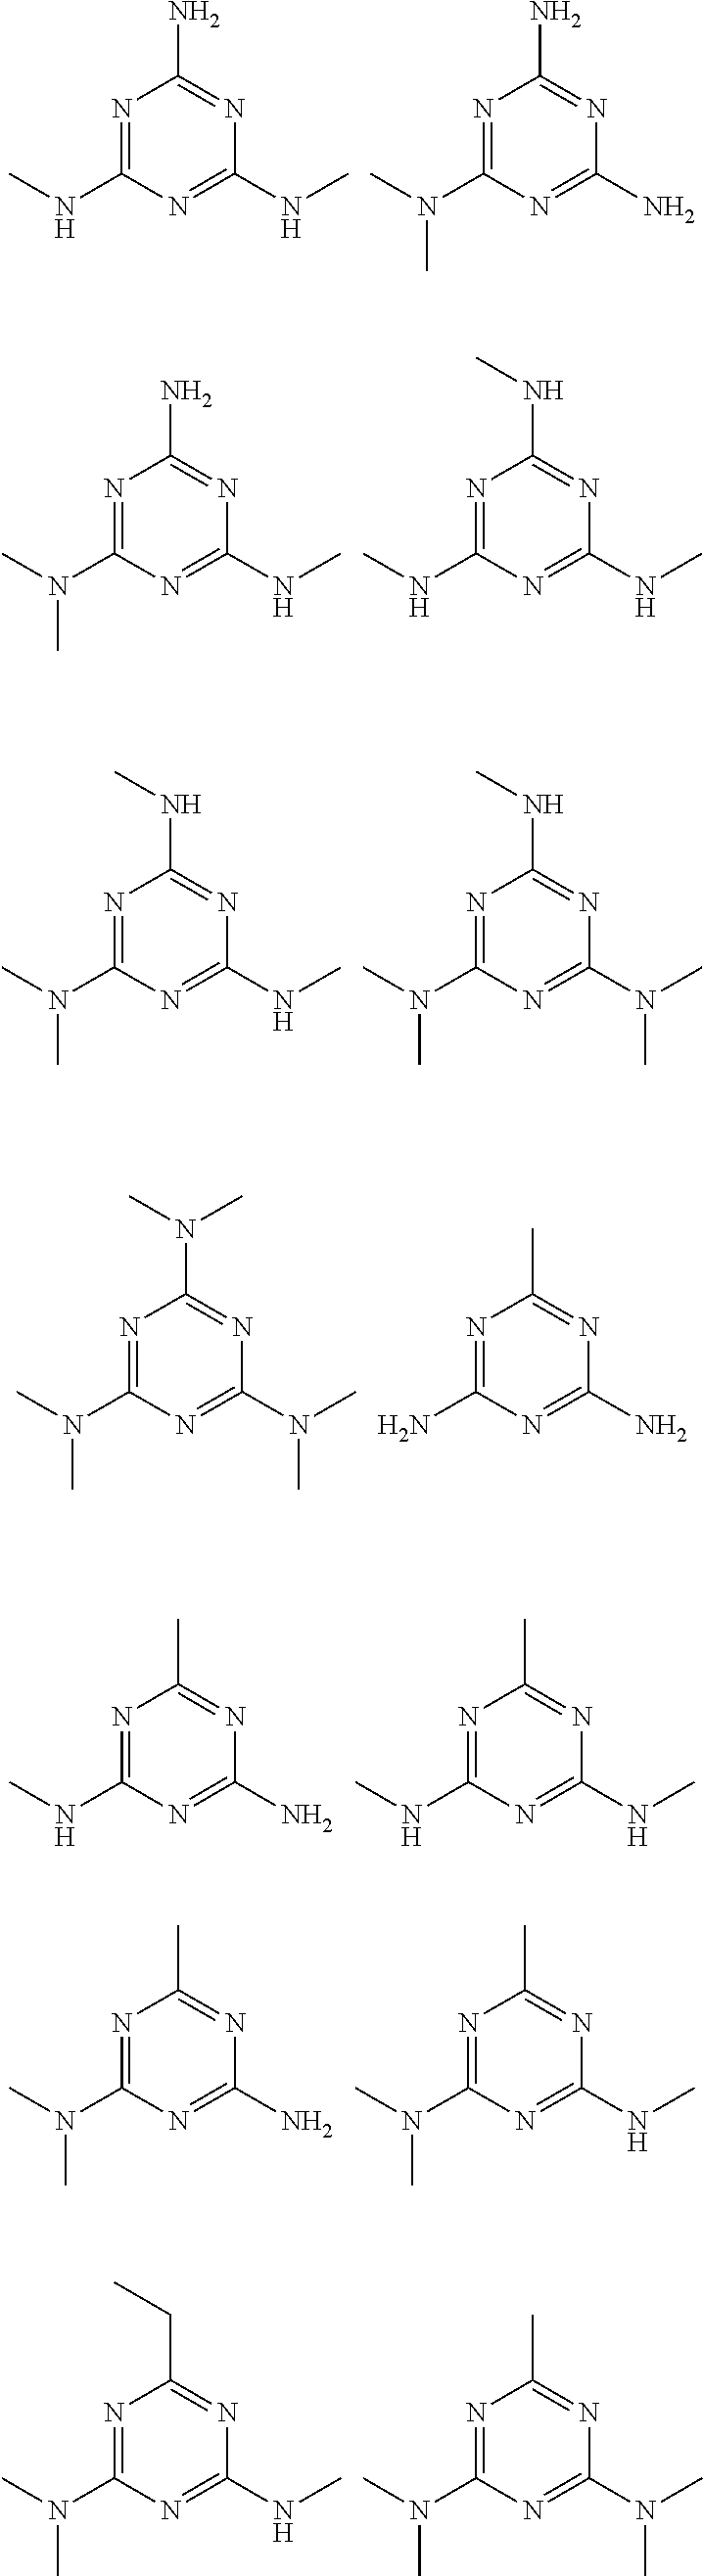 Figure US09480663-20161101-C00098